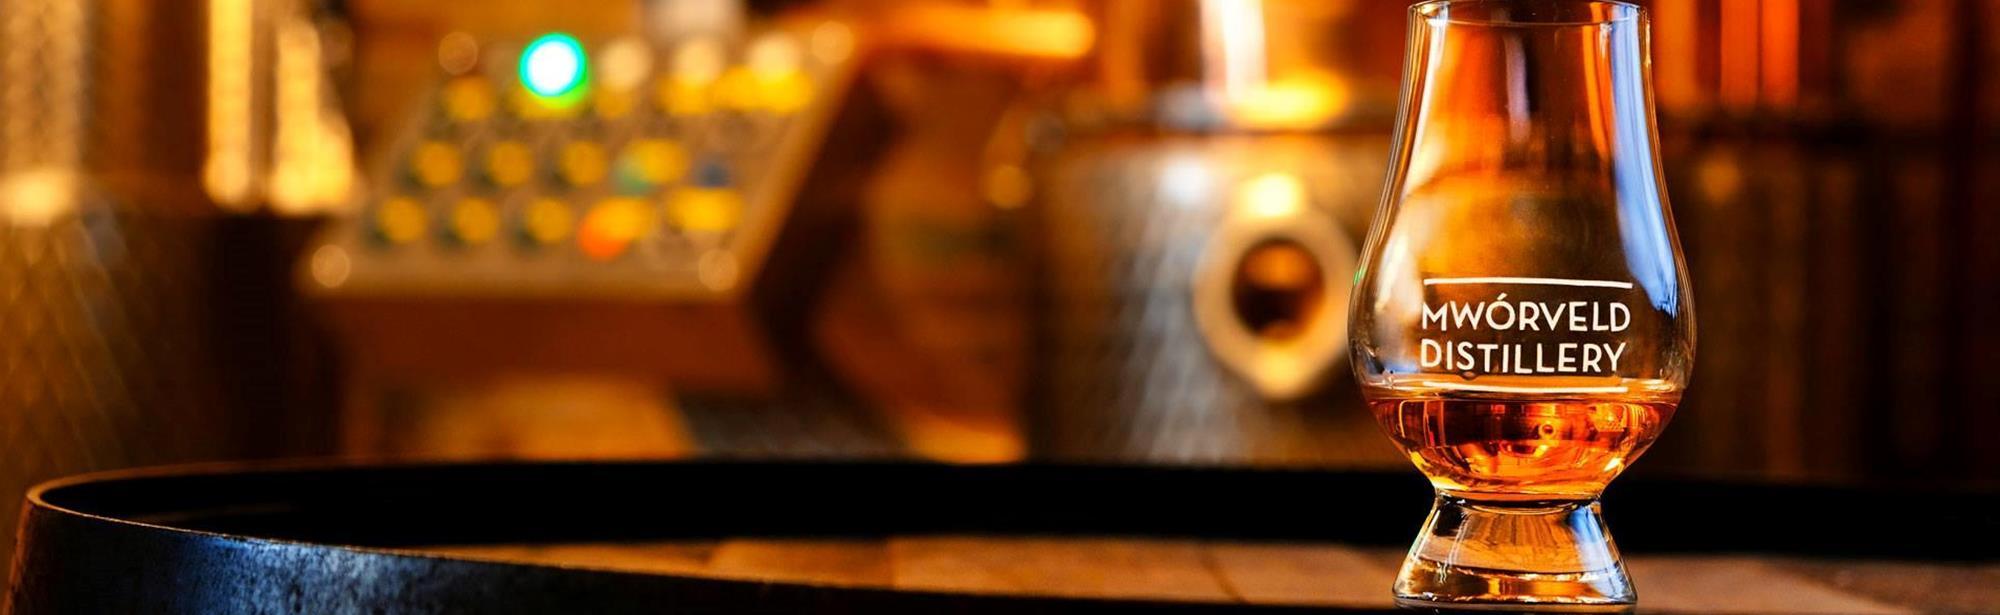 Mwórveld Distillery